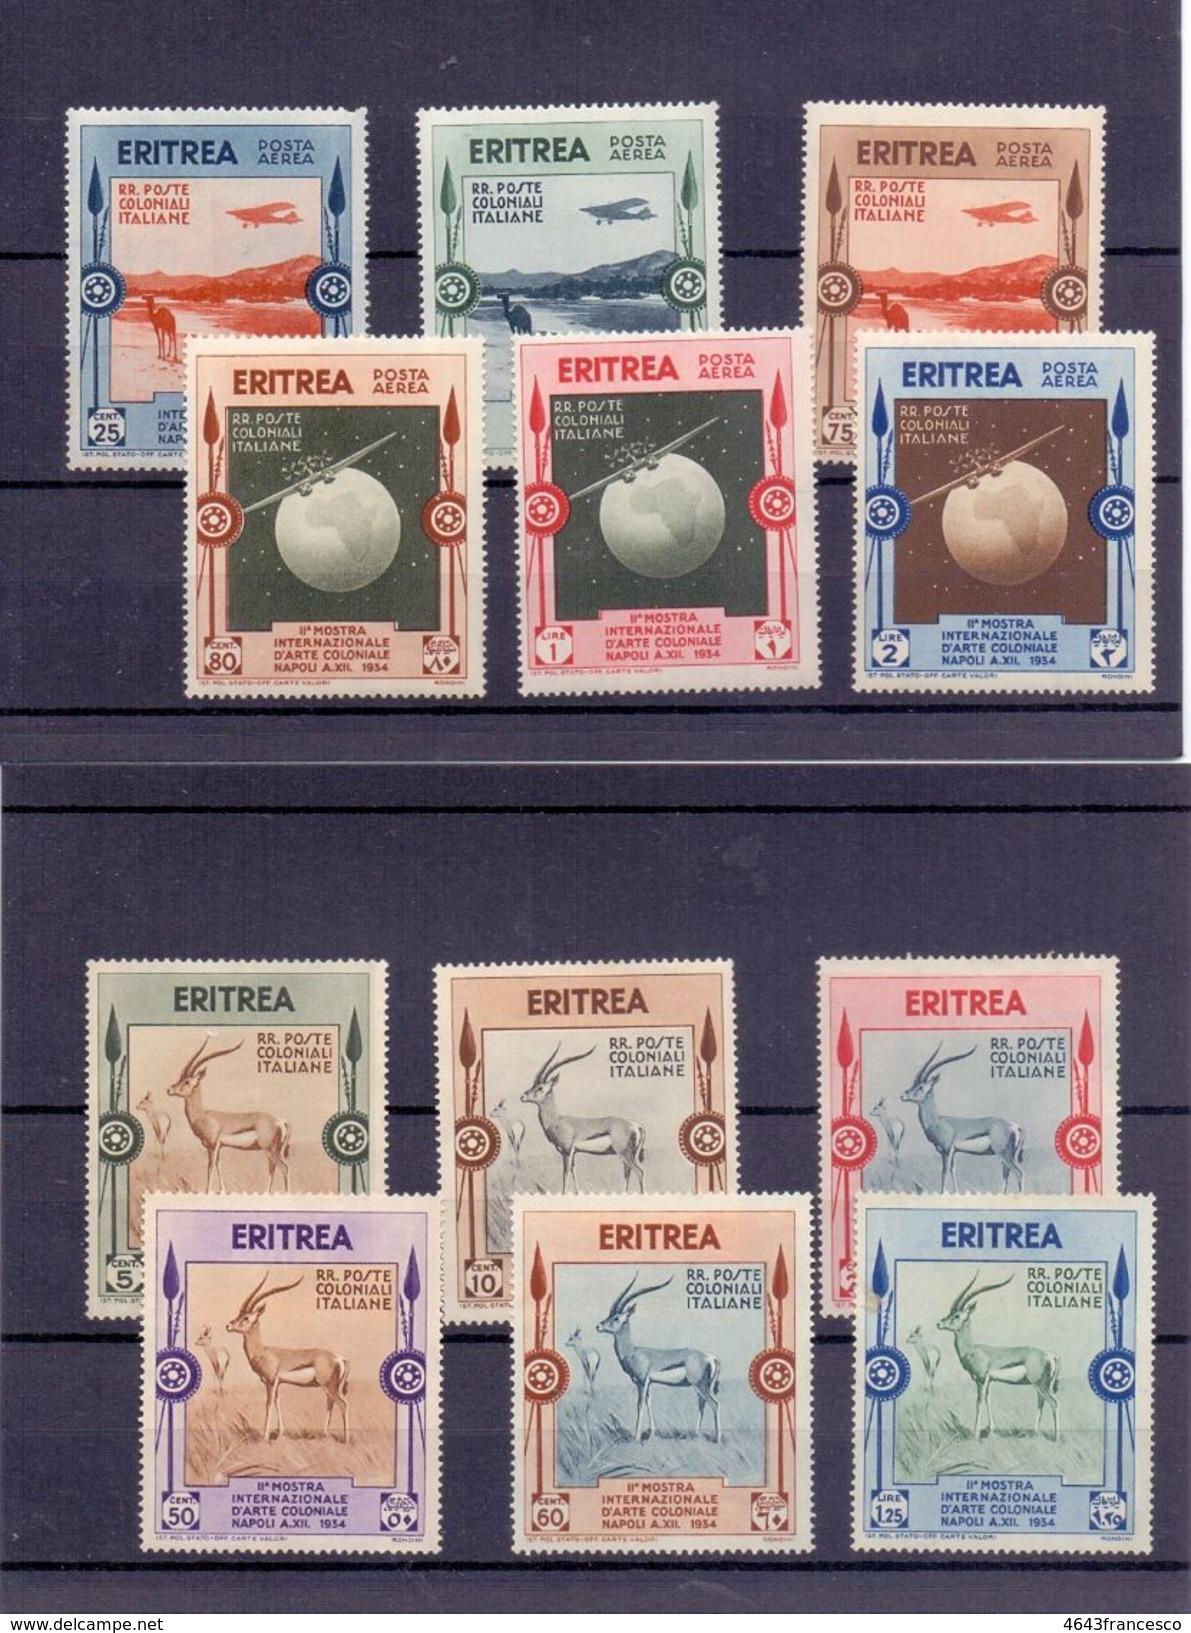 ERITREA Mostra Di Arte Coloniale Serie Completa 018 - Eritrea